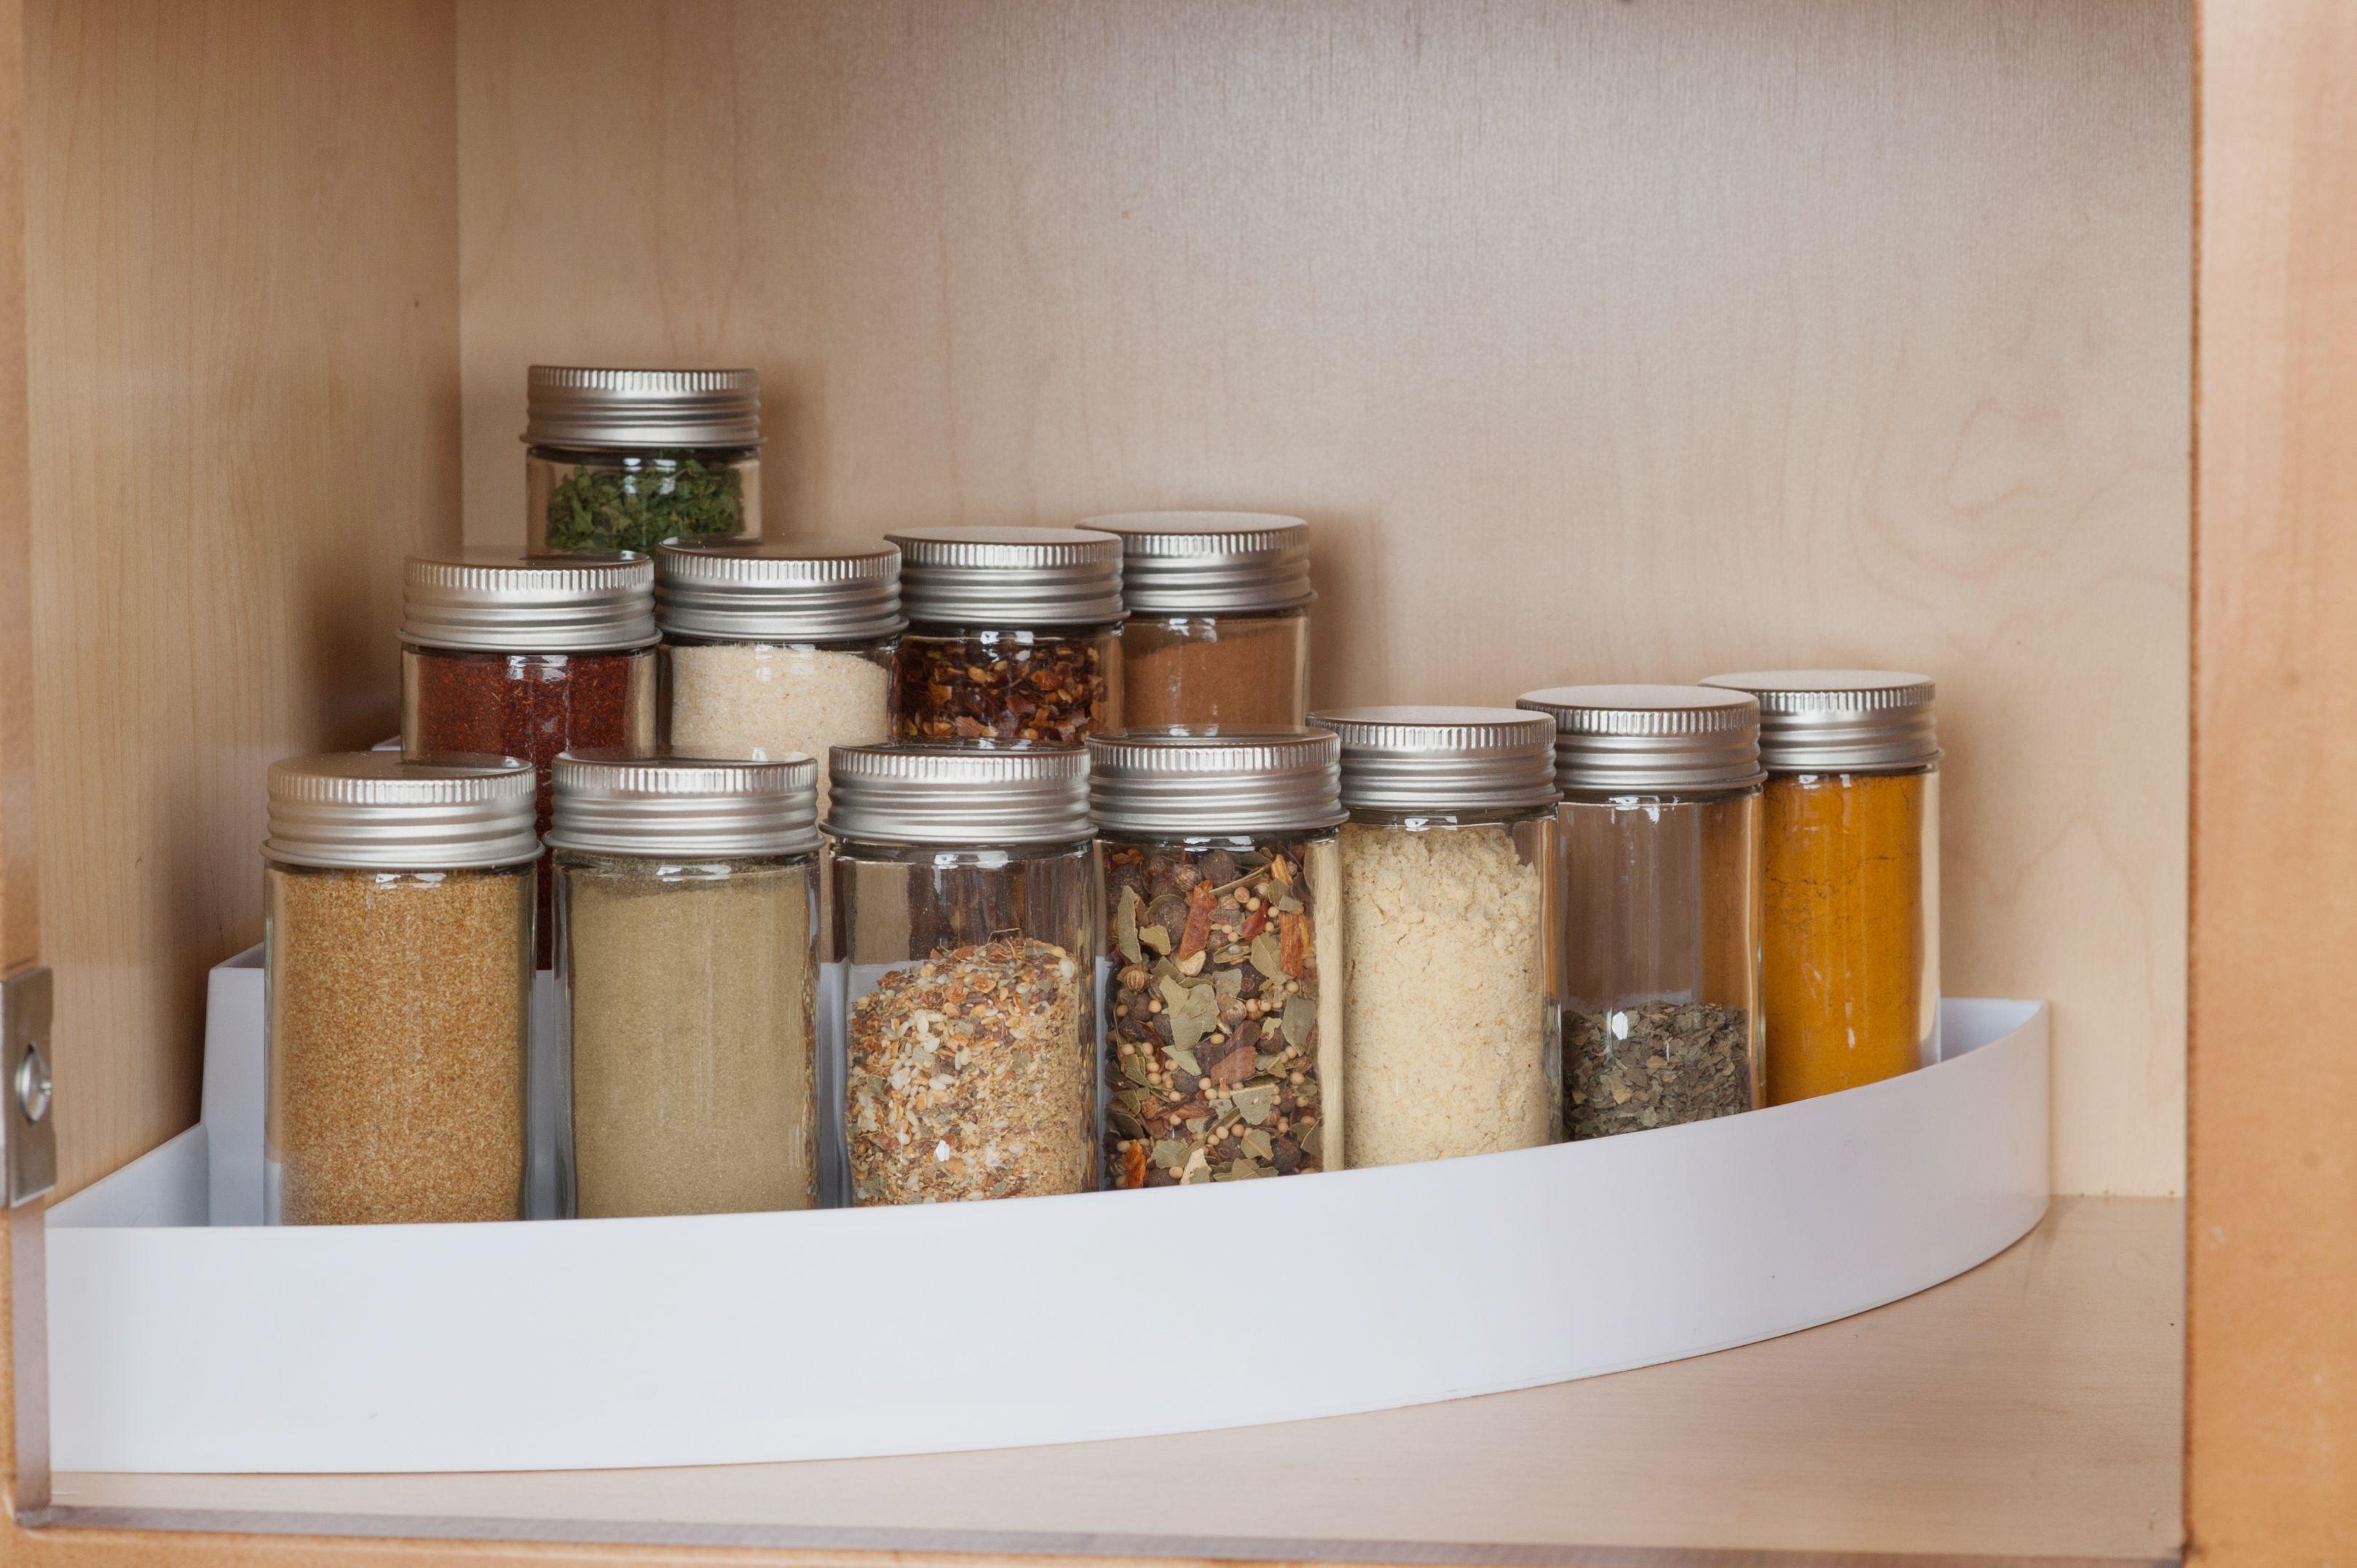 Kd Organizers 3 Tier Kitchen Cabinet Spice Rack Corner Organizer Tiered Storage For Spices In Pantry Or Cu Cabinet Spice Rack Spice Storage Cupboard Shelves